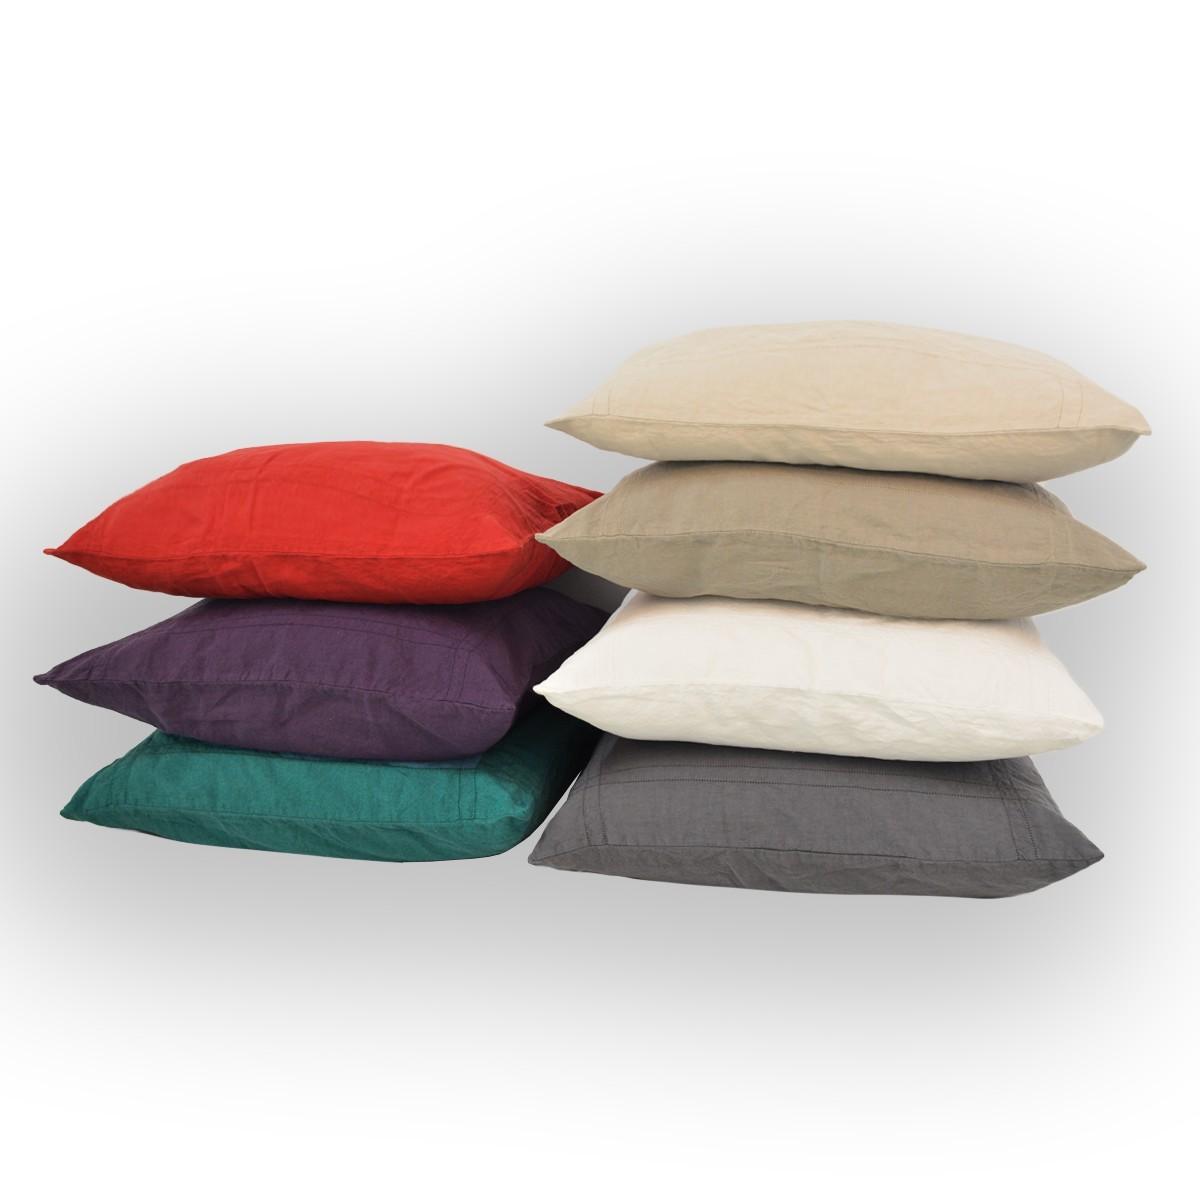 Pillowcase, Almalinen